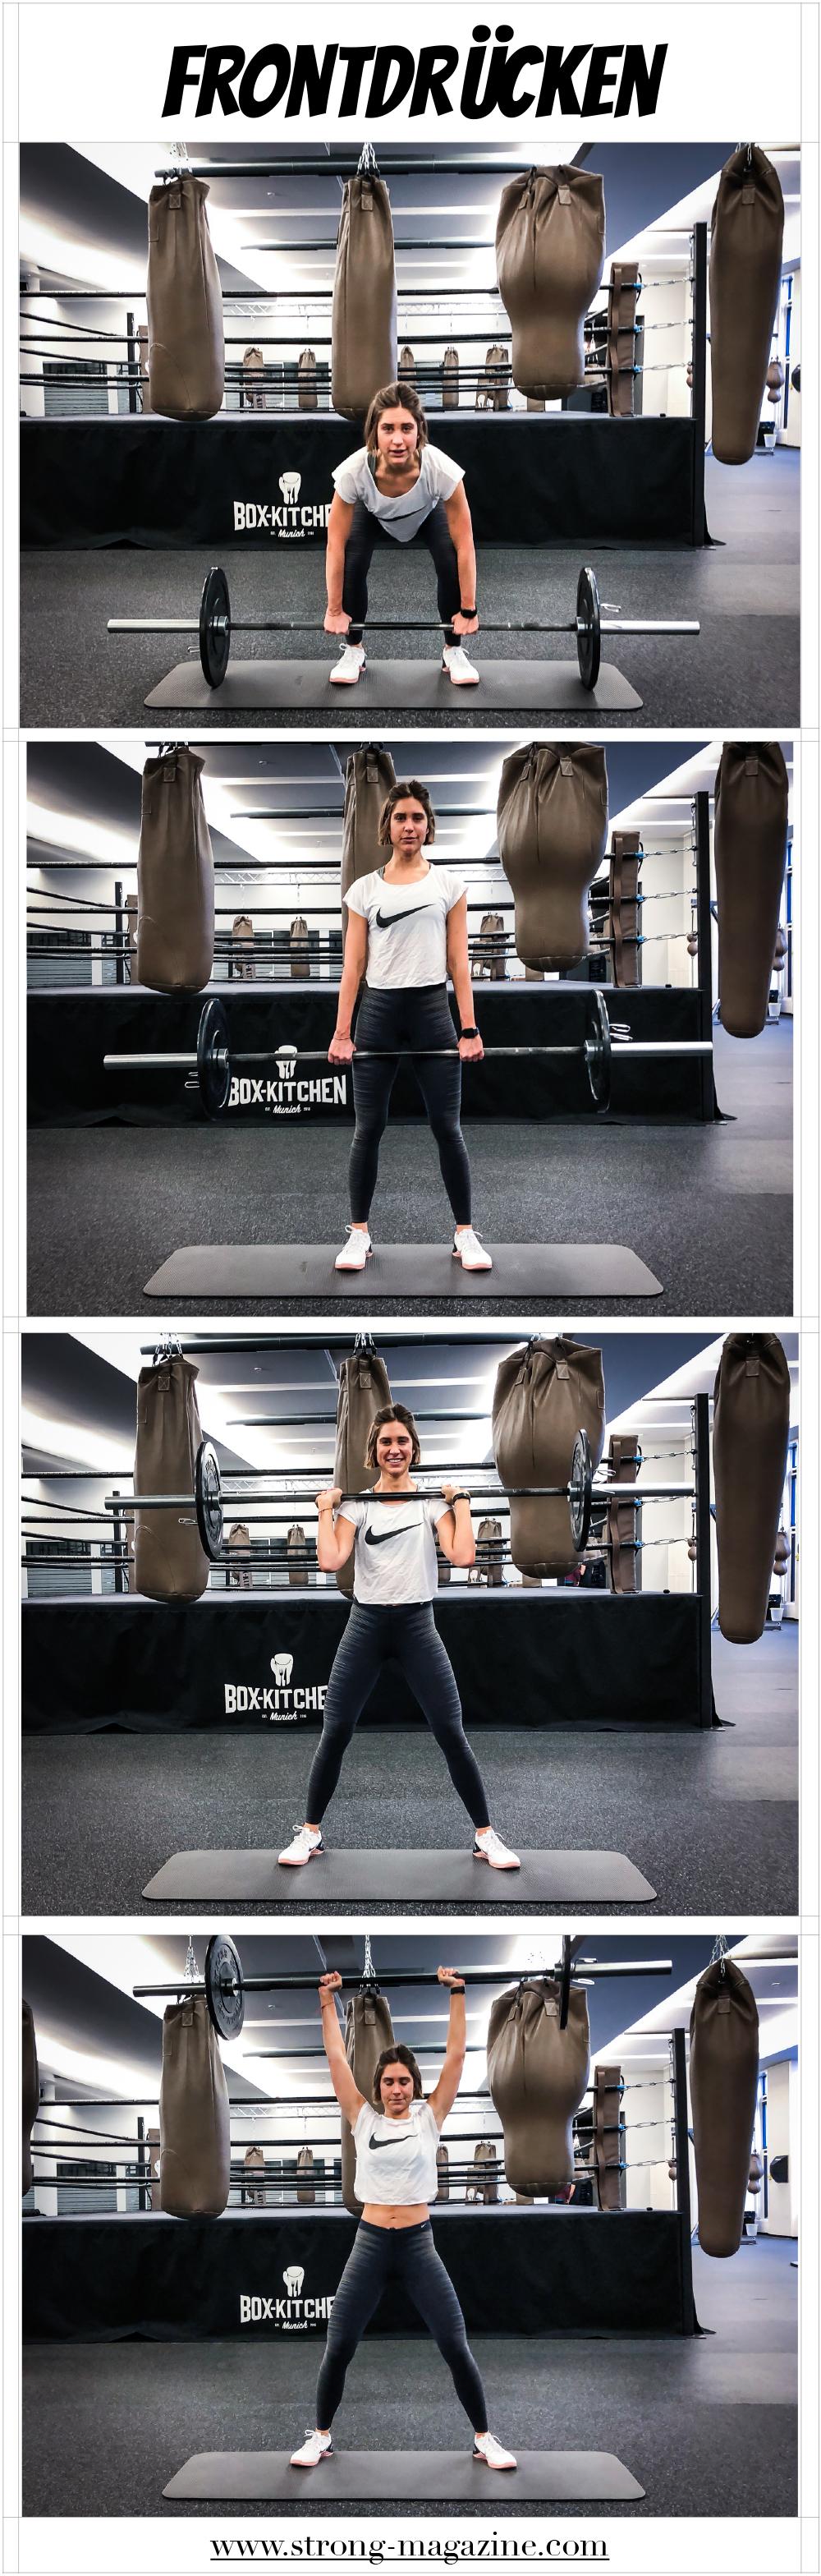 Fitnessübung für die Schultern: Frontdrücken im Stehen - Anleitung